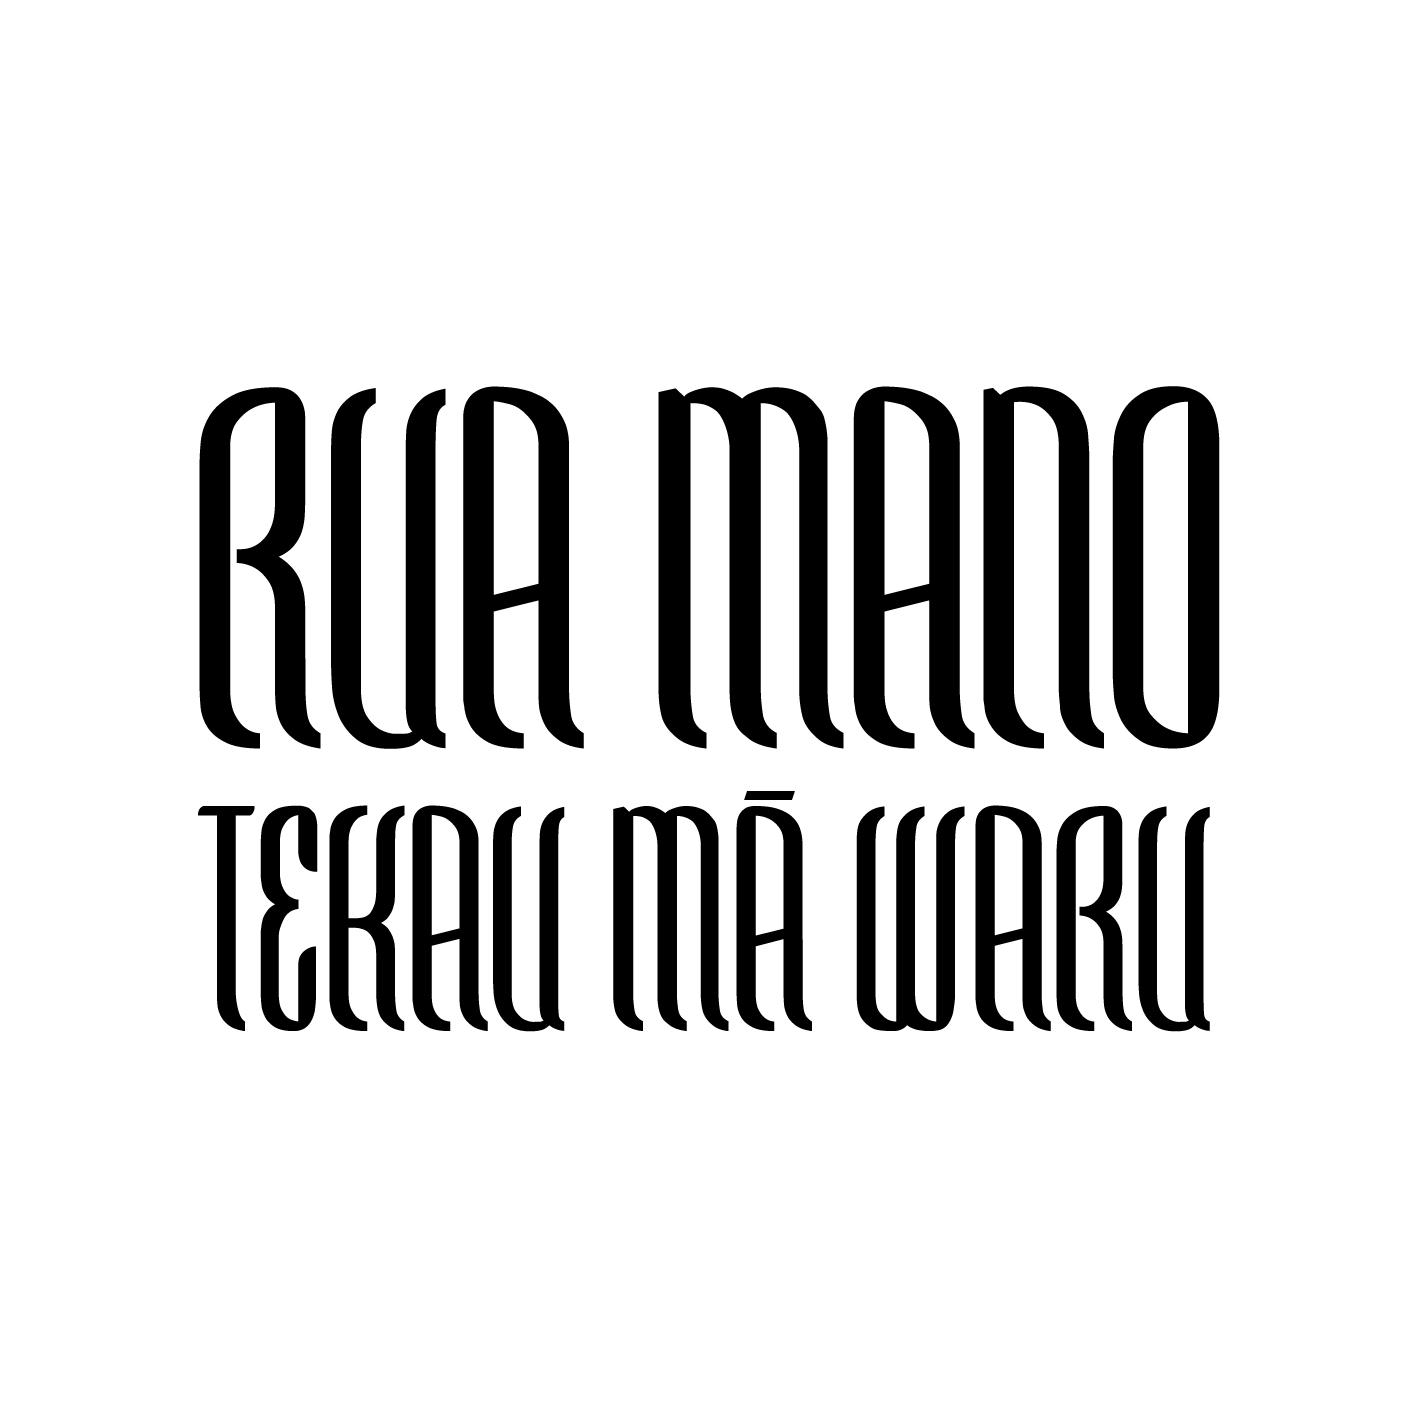 Johnson Witehira, Whakarare Māori Typeface